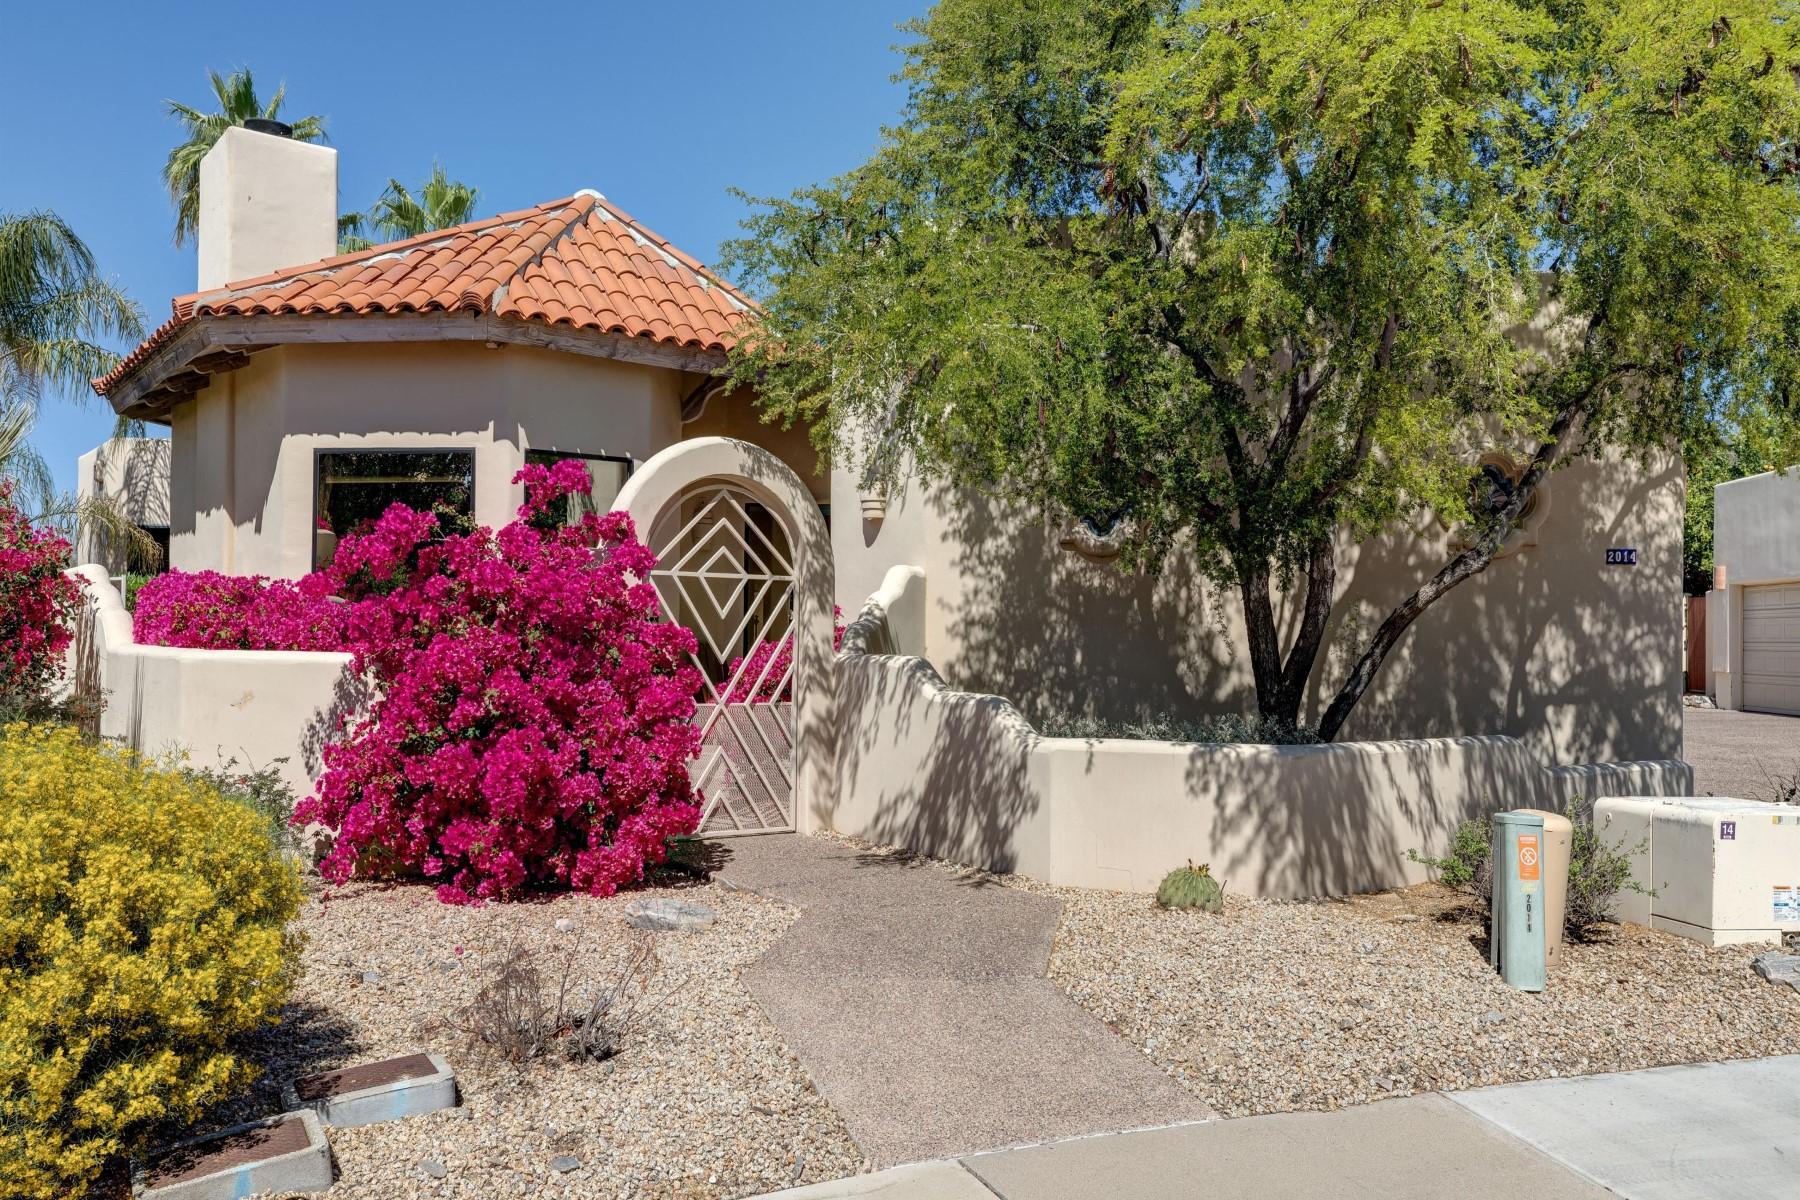 Casa Unifamiliar por un Venta en Beautifully designed home located in gated Villas Encantadas 2014 E Northview Ave Phoenix, Arizona, 85020 Estados Unidos